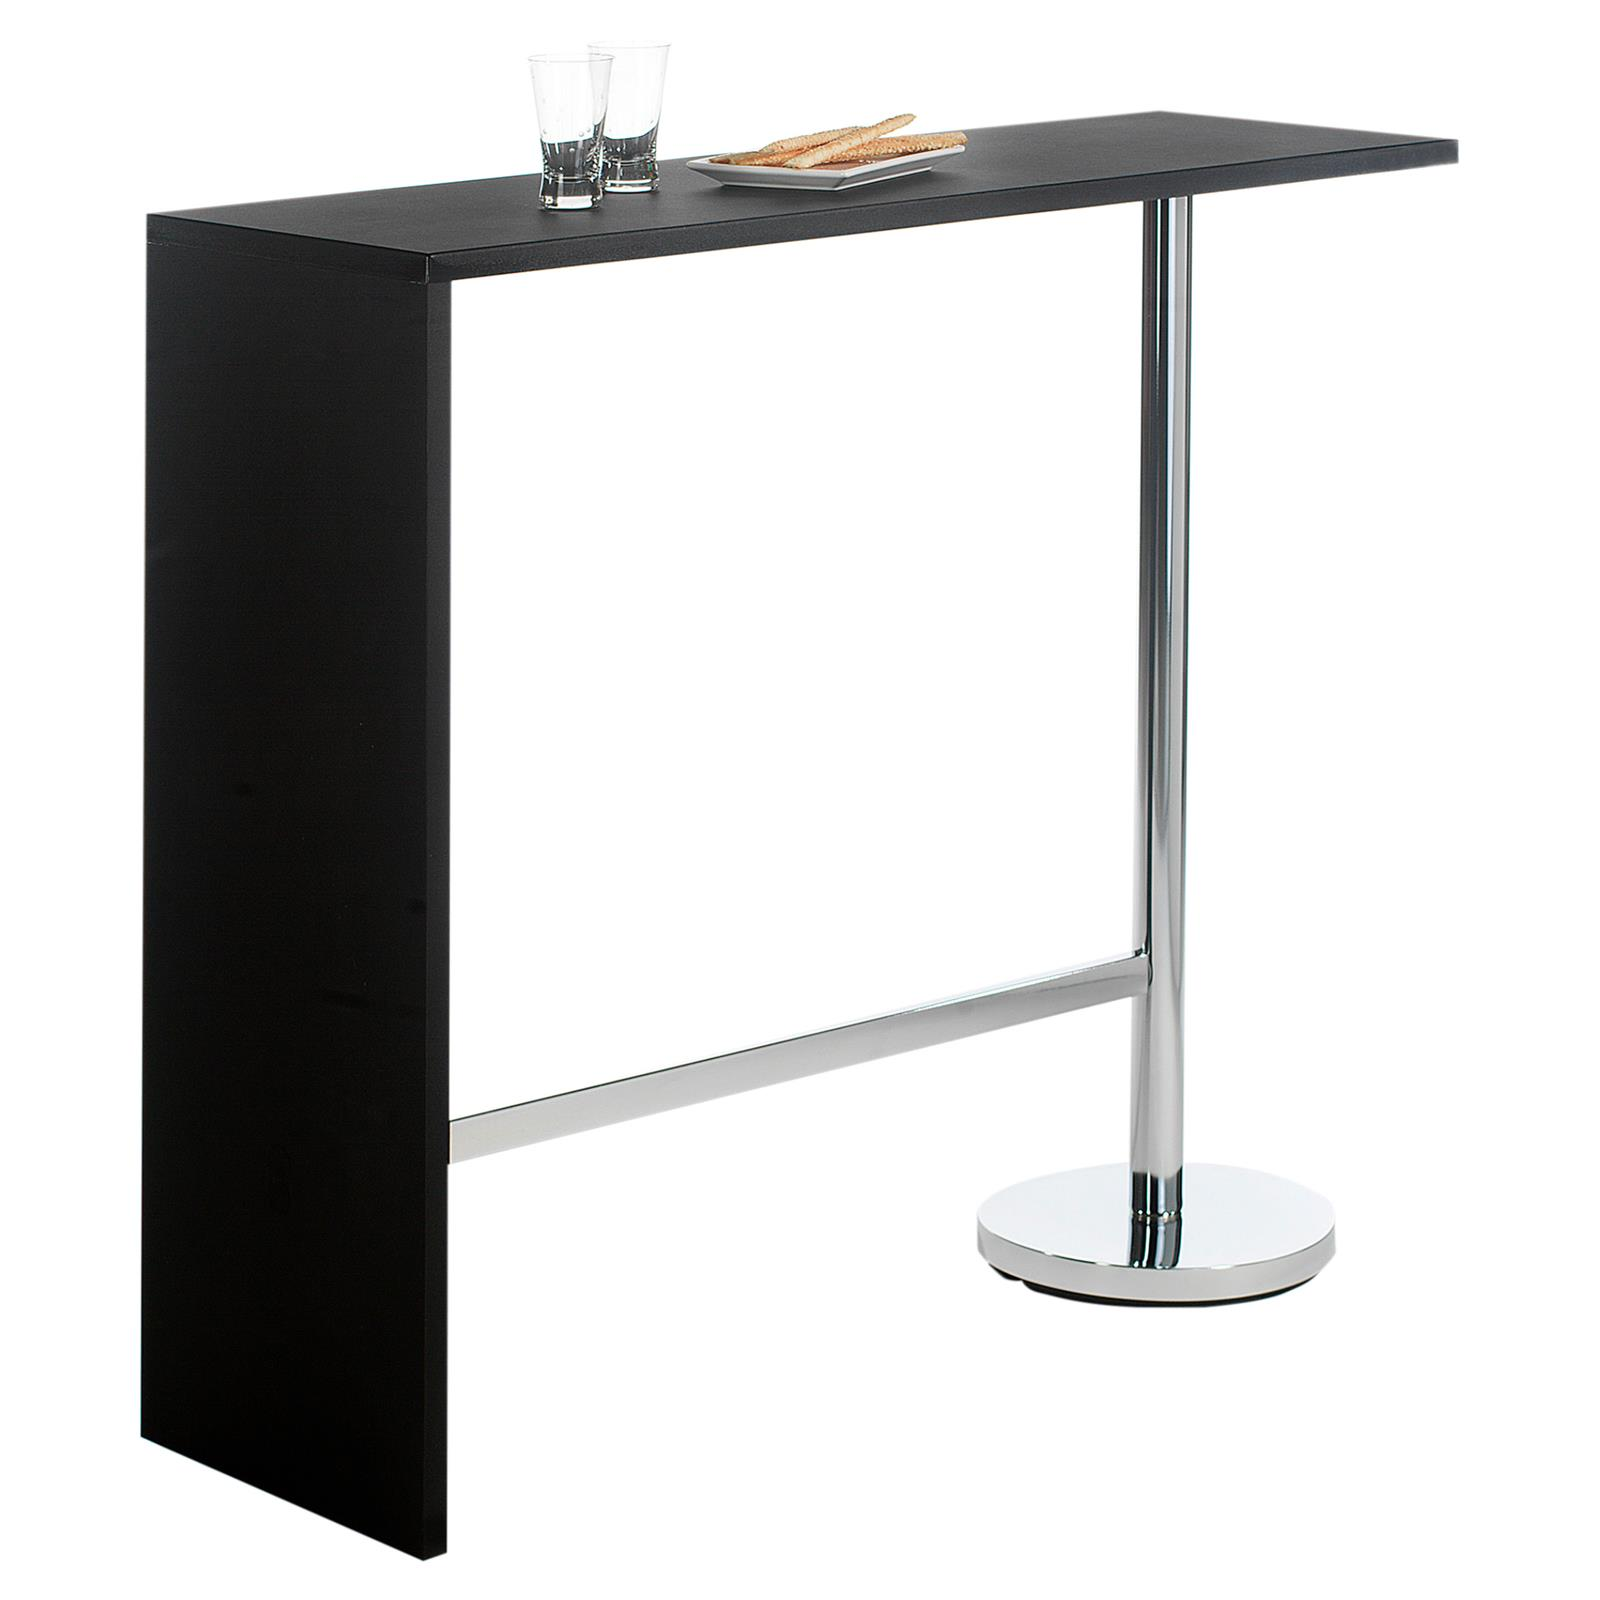 Table haute de bar mange debout MDF 3 coloris disponibles